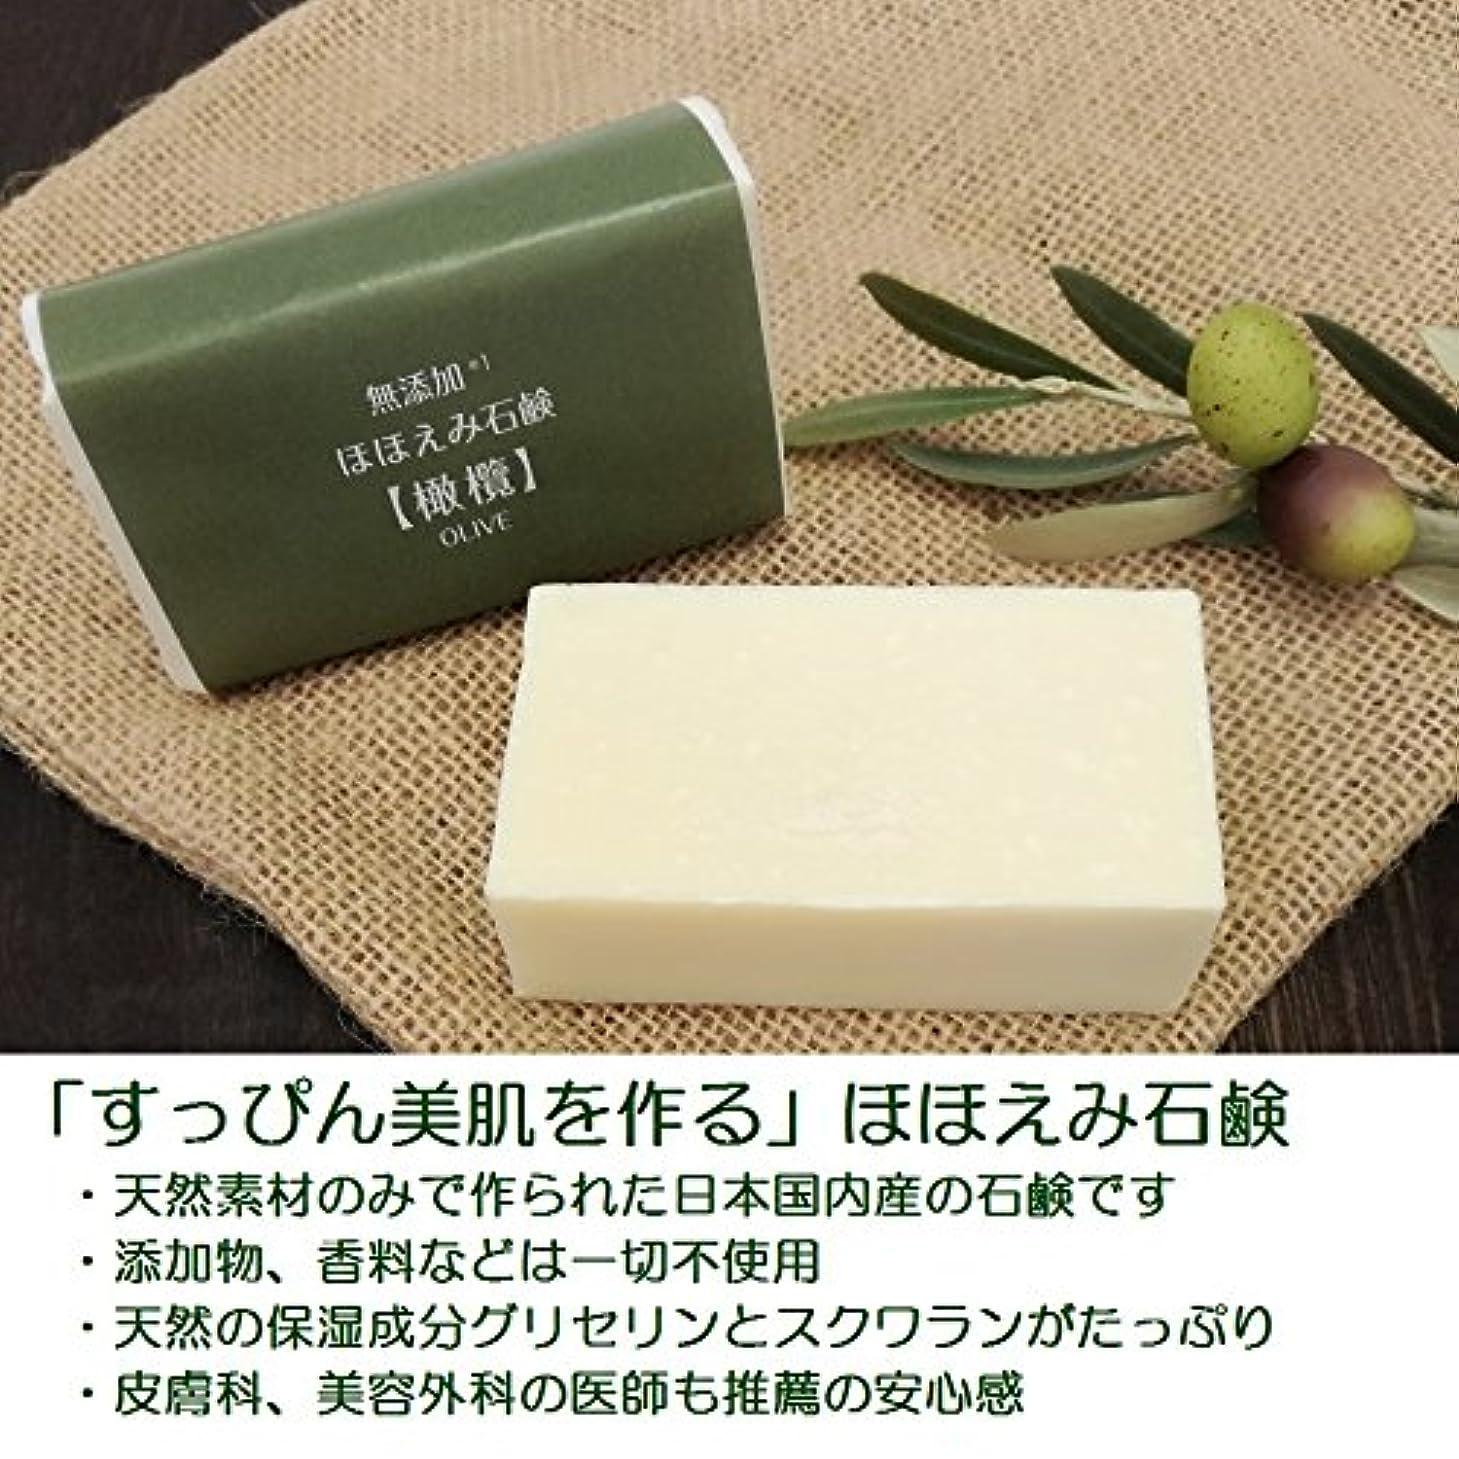 満足敬効果すっぴん美肌を作る ほほえみ石鹸 オリーブ 無添加 オーガニック 日本製 80g